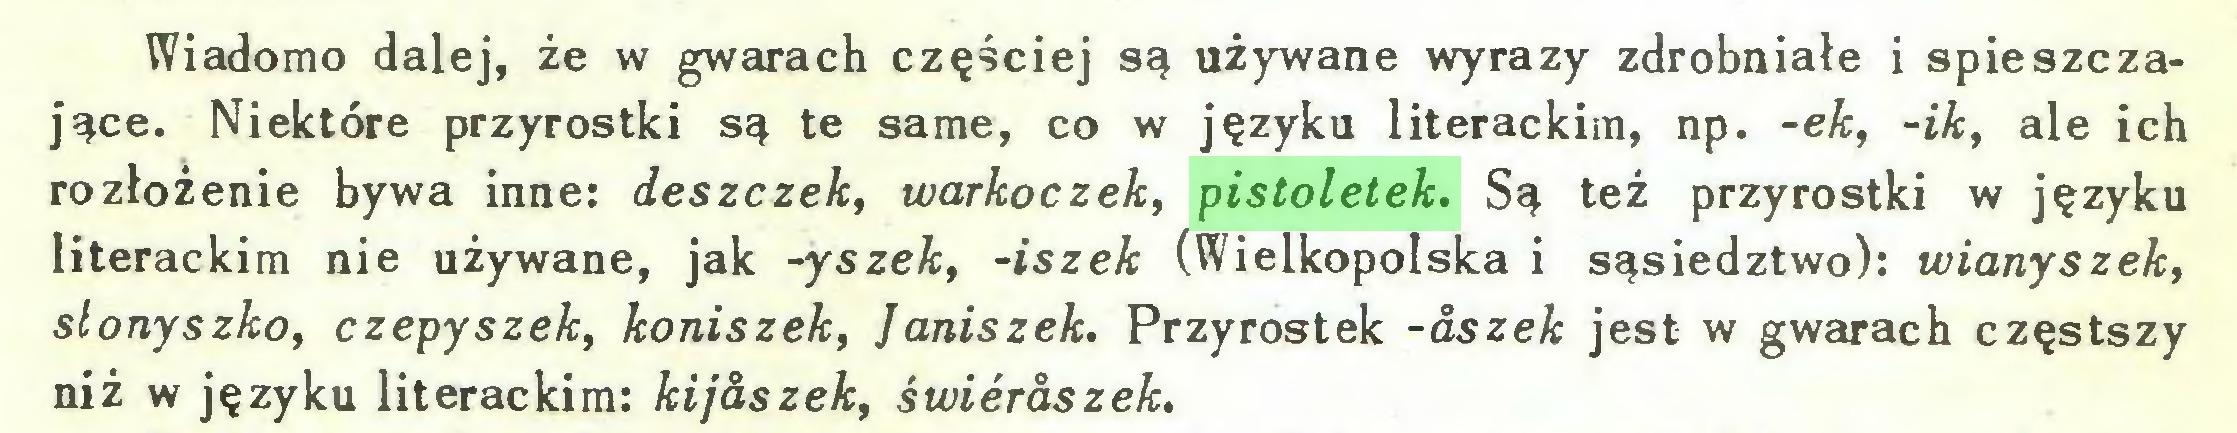 (...) Wiadomo dalej, że w gwarach częściej są używane wyrazy zdrobniałe i spieszczające. Niektóre przyrostki są te same, co w języku literackim, np. -ek, -ik, ale ich rozłożenie bywa inne: deszczek, warkoczek, pistoletek. Są też przyrostki w języku literackim nie używane, jak -yszek, -iszek (Wielkopolska i sąsiedztwo): wianyszek, slonyszko, czepyszek, koniszek, Janiszek. Przyrostek -aszek jest w gwarach częstszy niż w języku literackim: kijaszek, świeraszek...